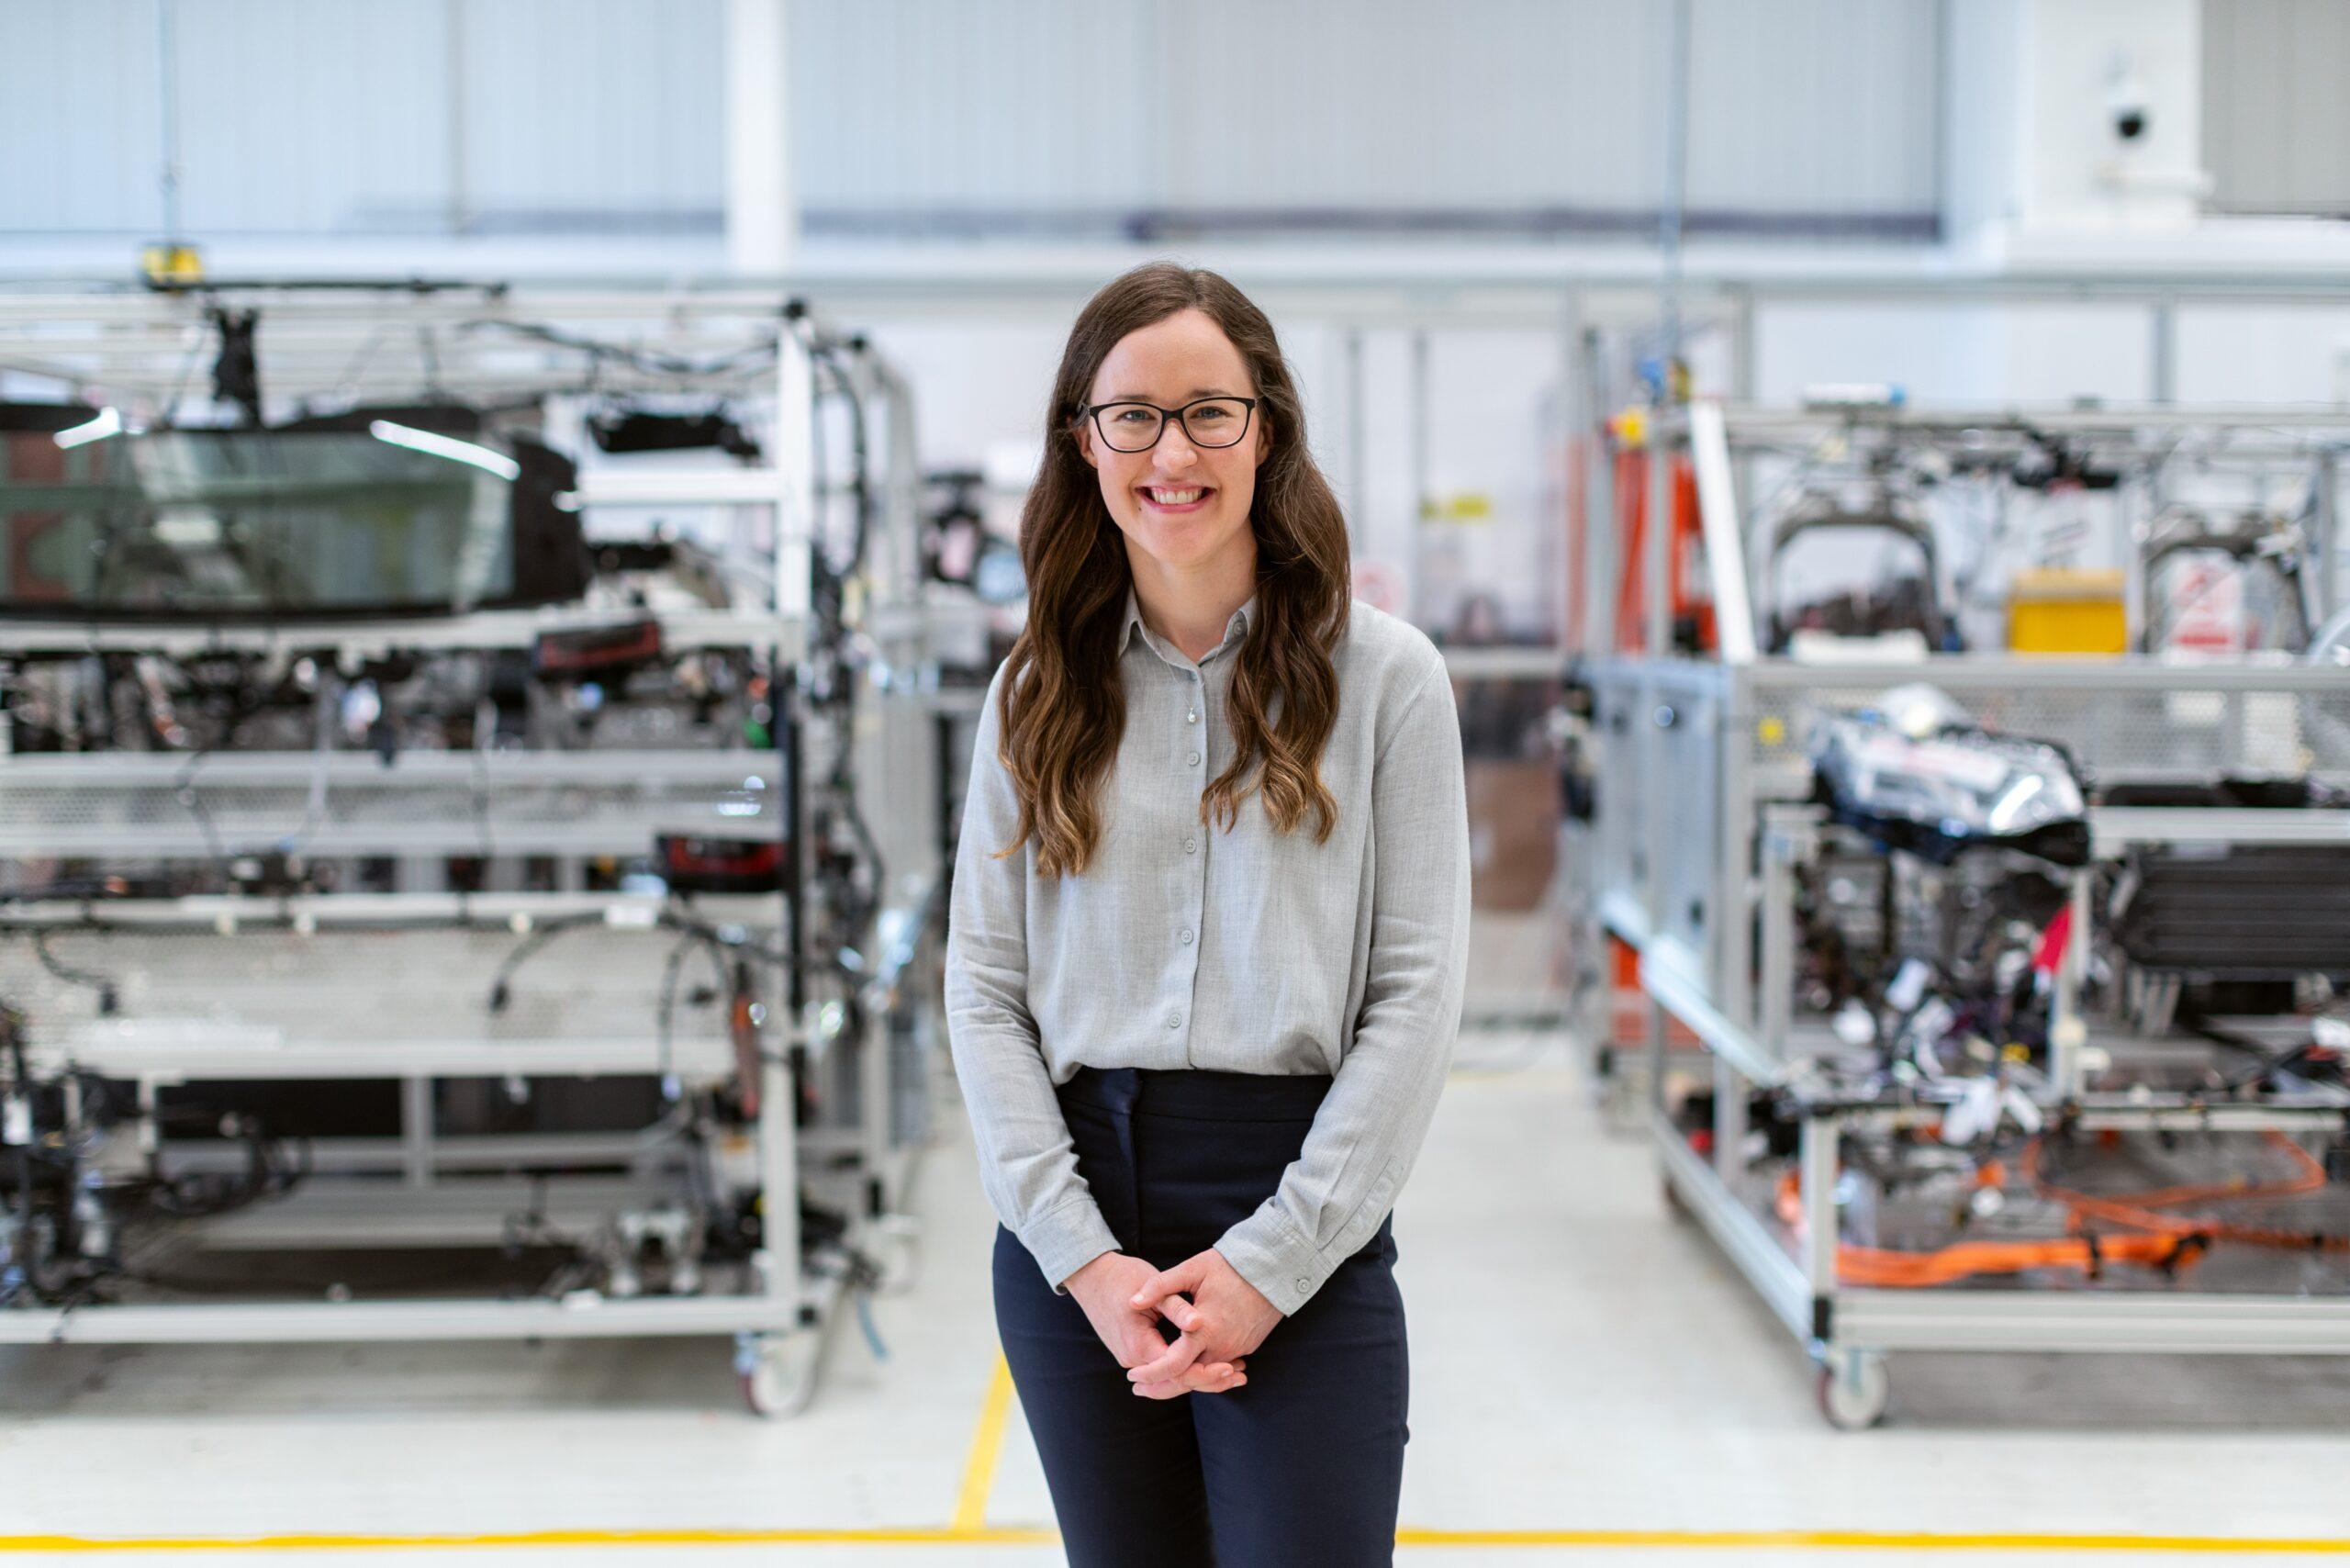 これから伸びる製造業で働く女性